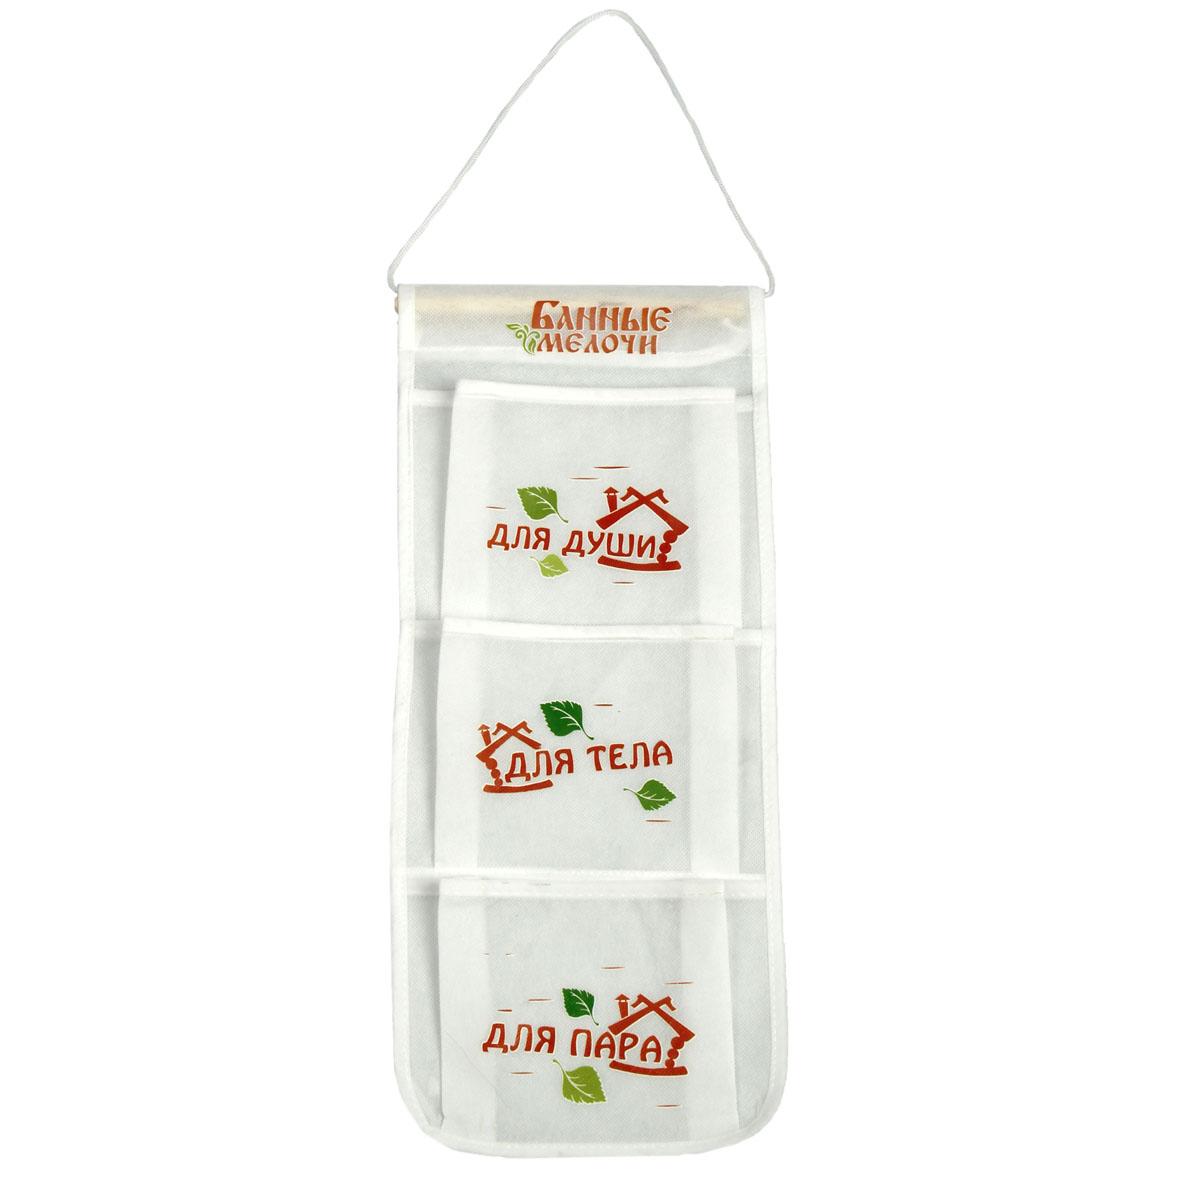 Кармашки на стену для бани Sima-land Банные мелочи, цвет: белый, 3 шт866555Кармашки на стену Sima-land Банные мелочи, изготовленные из текстиля, предназначены для хранения необходимых вещей, множества мелочей в бане или ванной комнате. Изделие представляет собой текстильное полотно с тремя пришитыми кармашками. Благодаря деревянной планке и шнурку, кармашки можно подвесить на стену или дверь в необходимом для вас месте.Кармашки декорированы надписями Для души, Для тела, Для пара.Этот нужный предмет может стать одновременно и декоративным элементом бани или ванной комнаты.